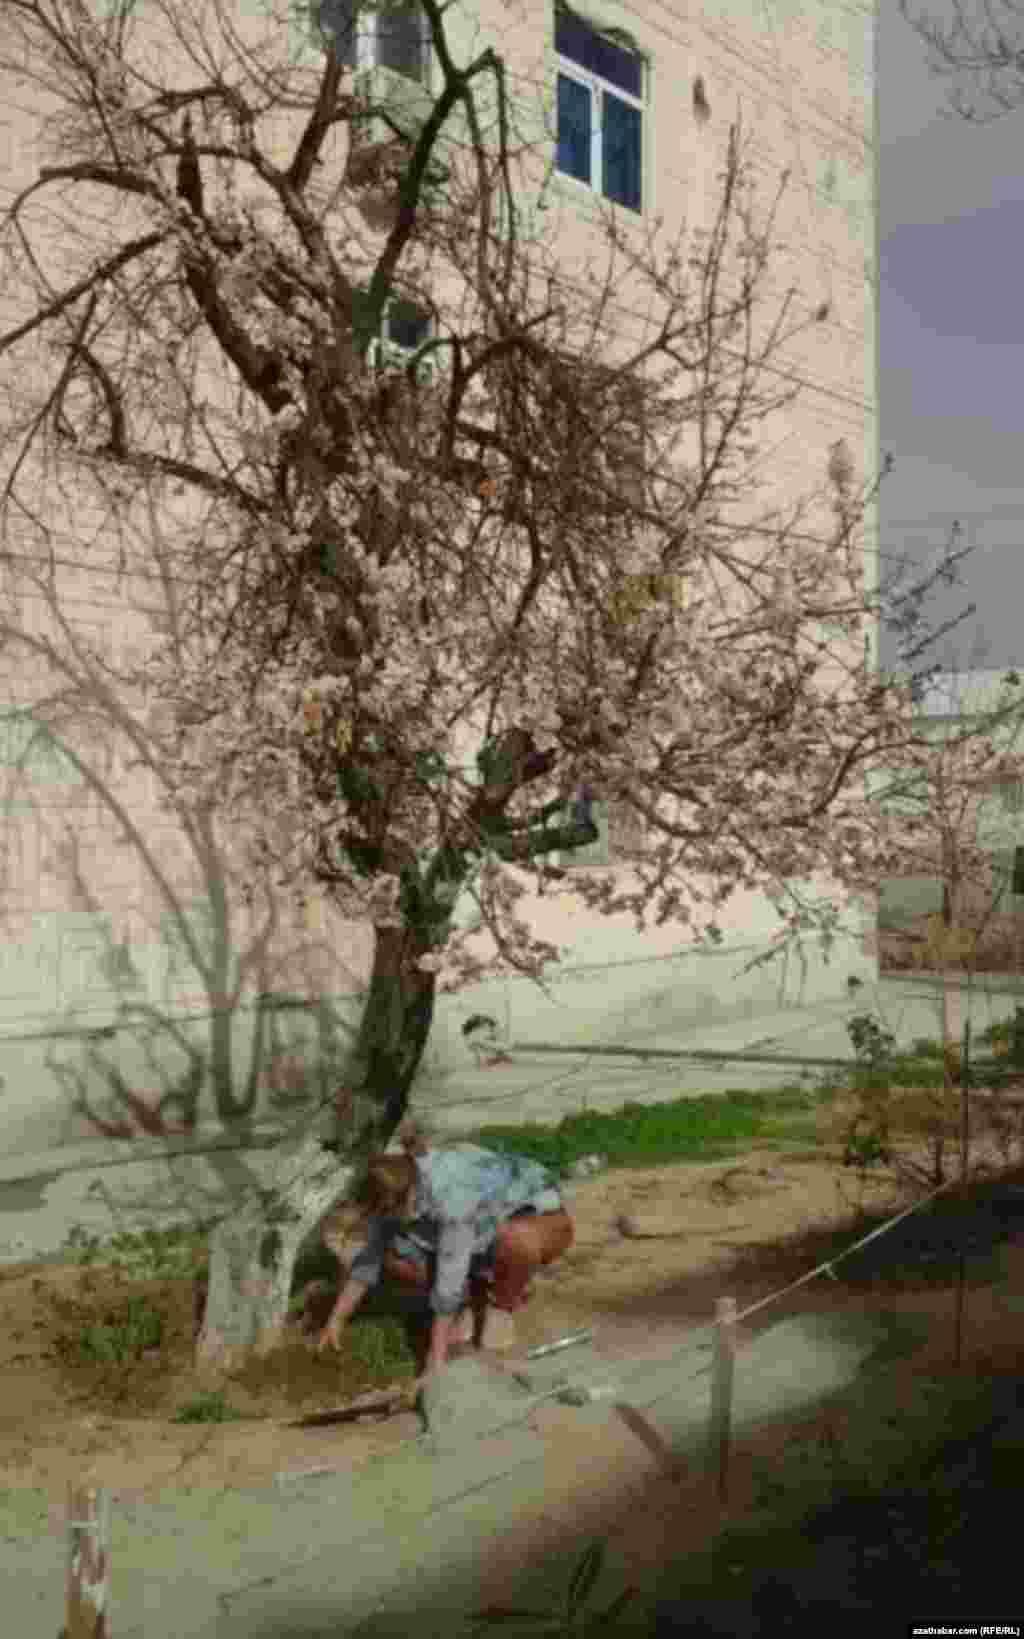 Женщина копает землю. Ашхабад. Март 2021 г.